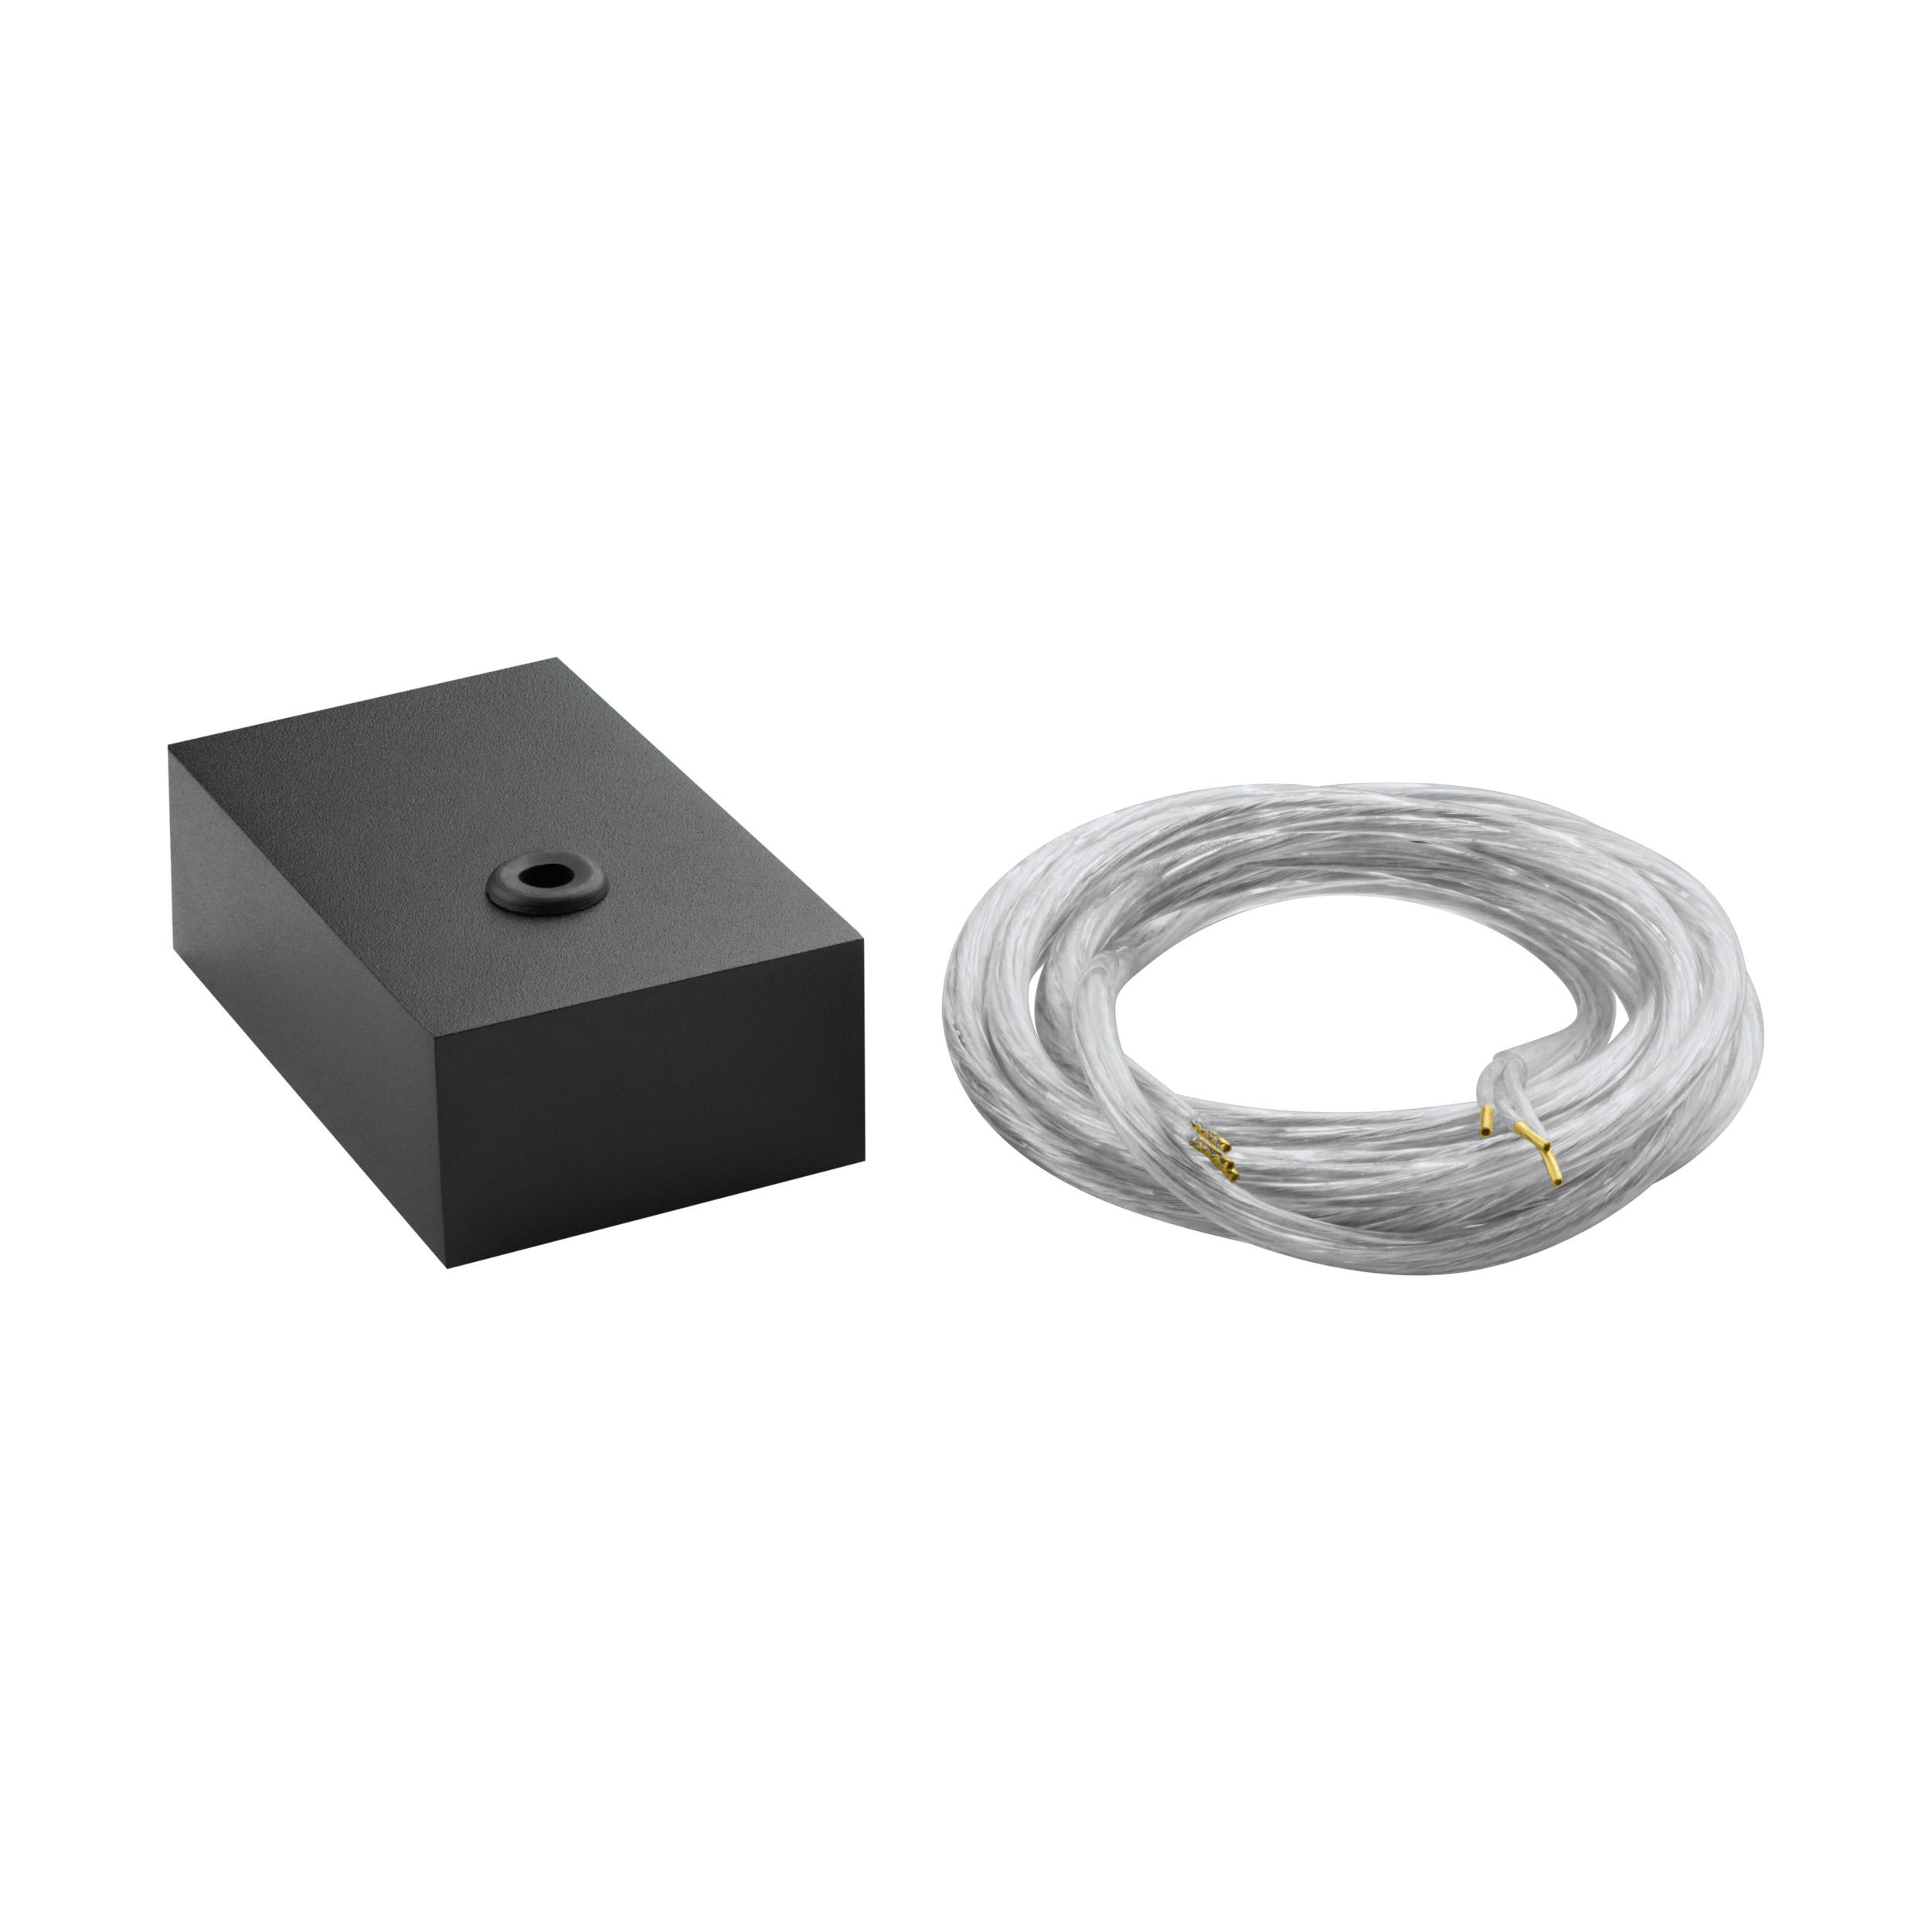 1 Stk Einspeisung 5 polig schwarz eloxiert IP20 LI65509---